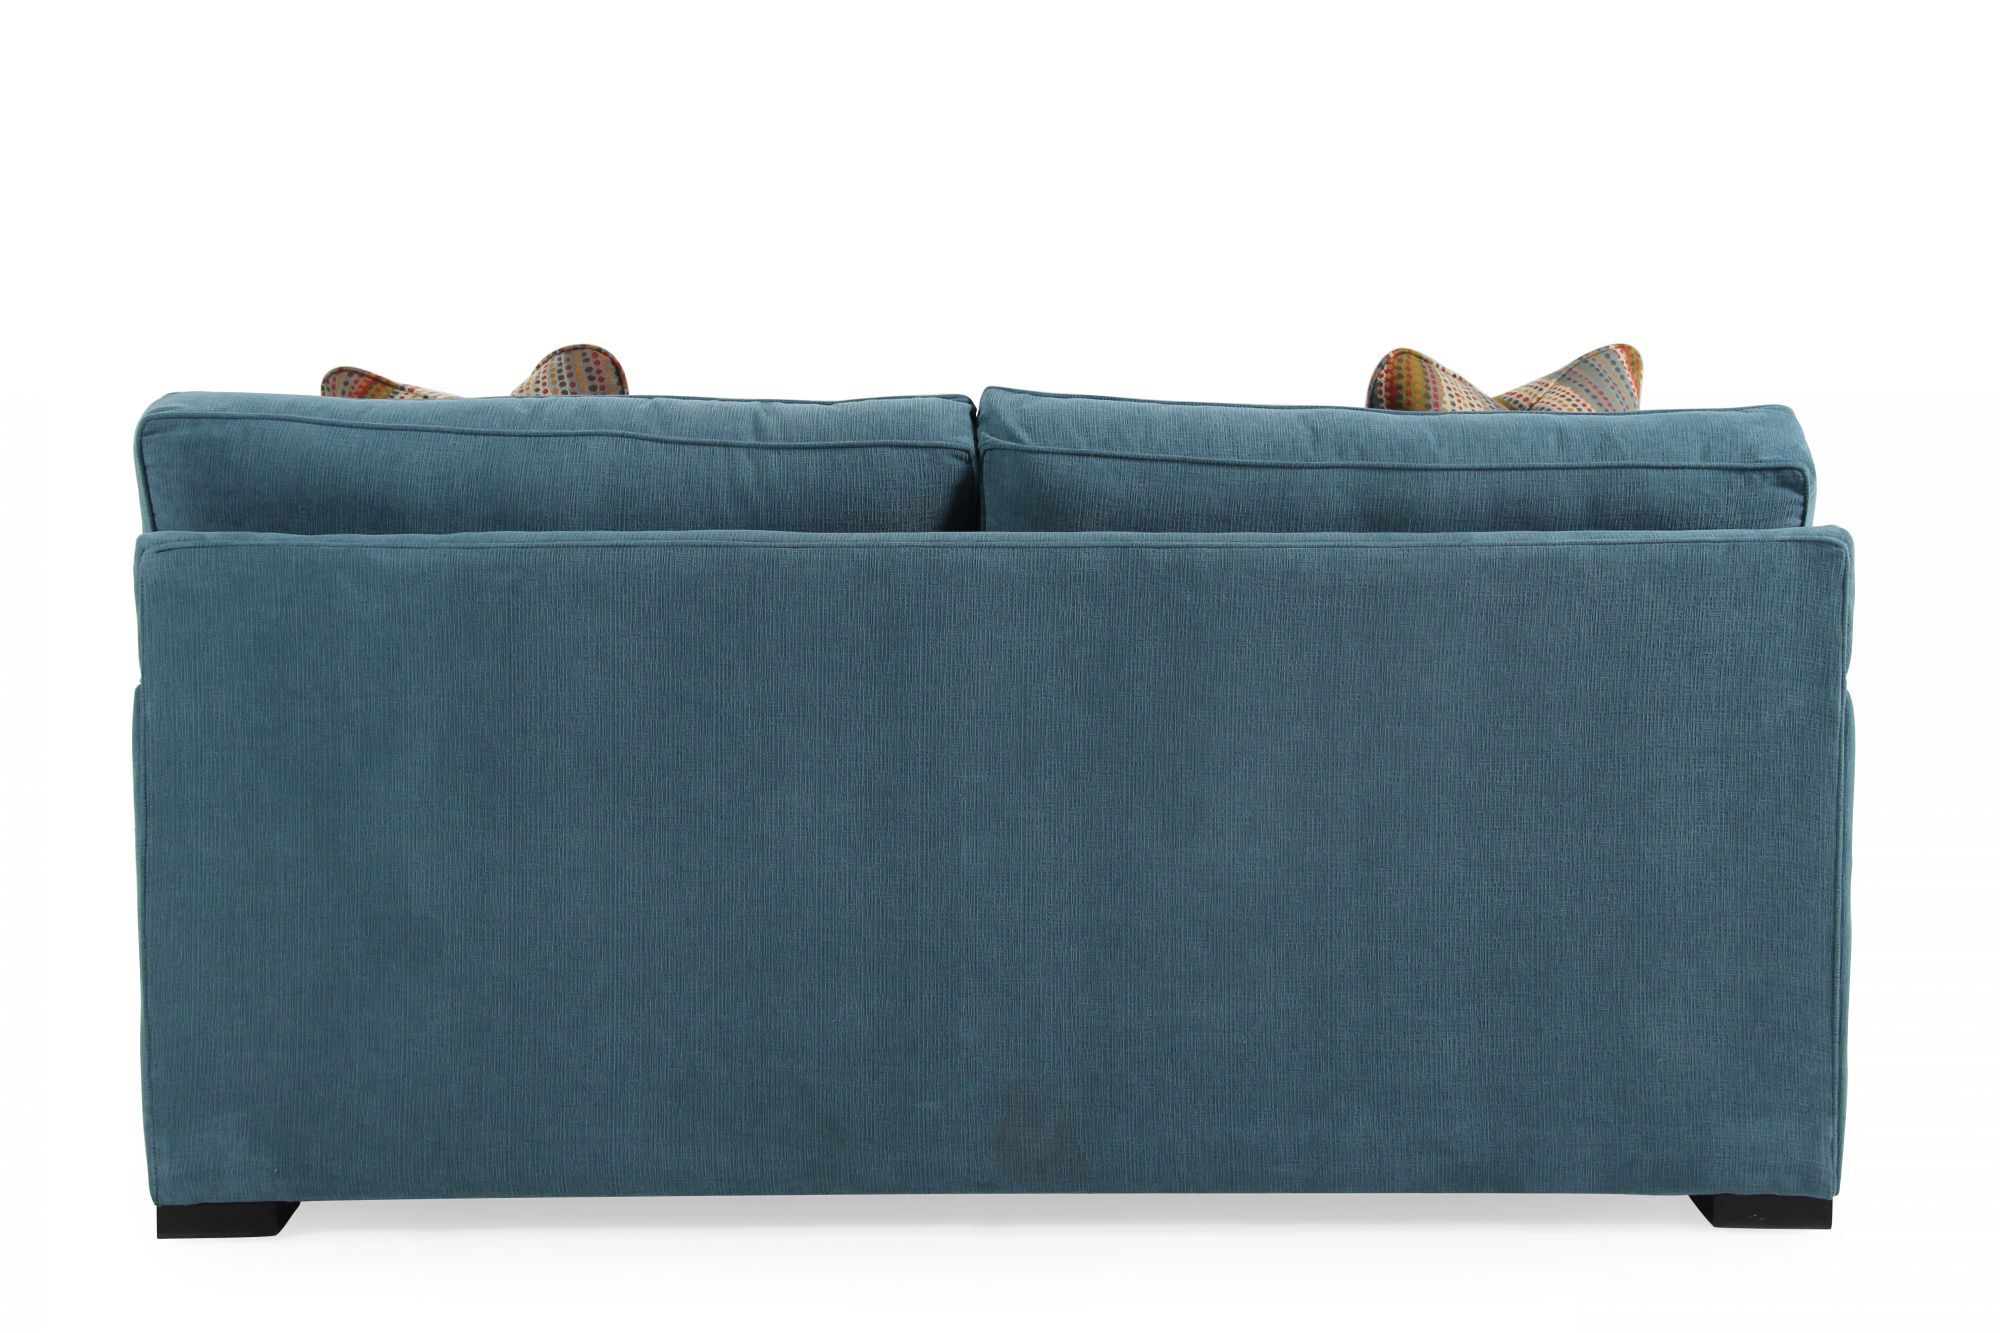 sh memory foam sleeper sofa mattress donate a to goodwill jonathan louis blissful blue queen